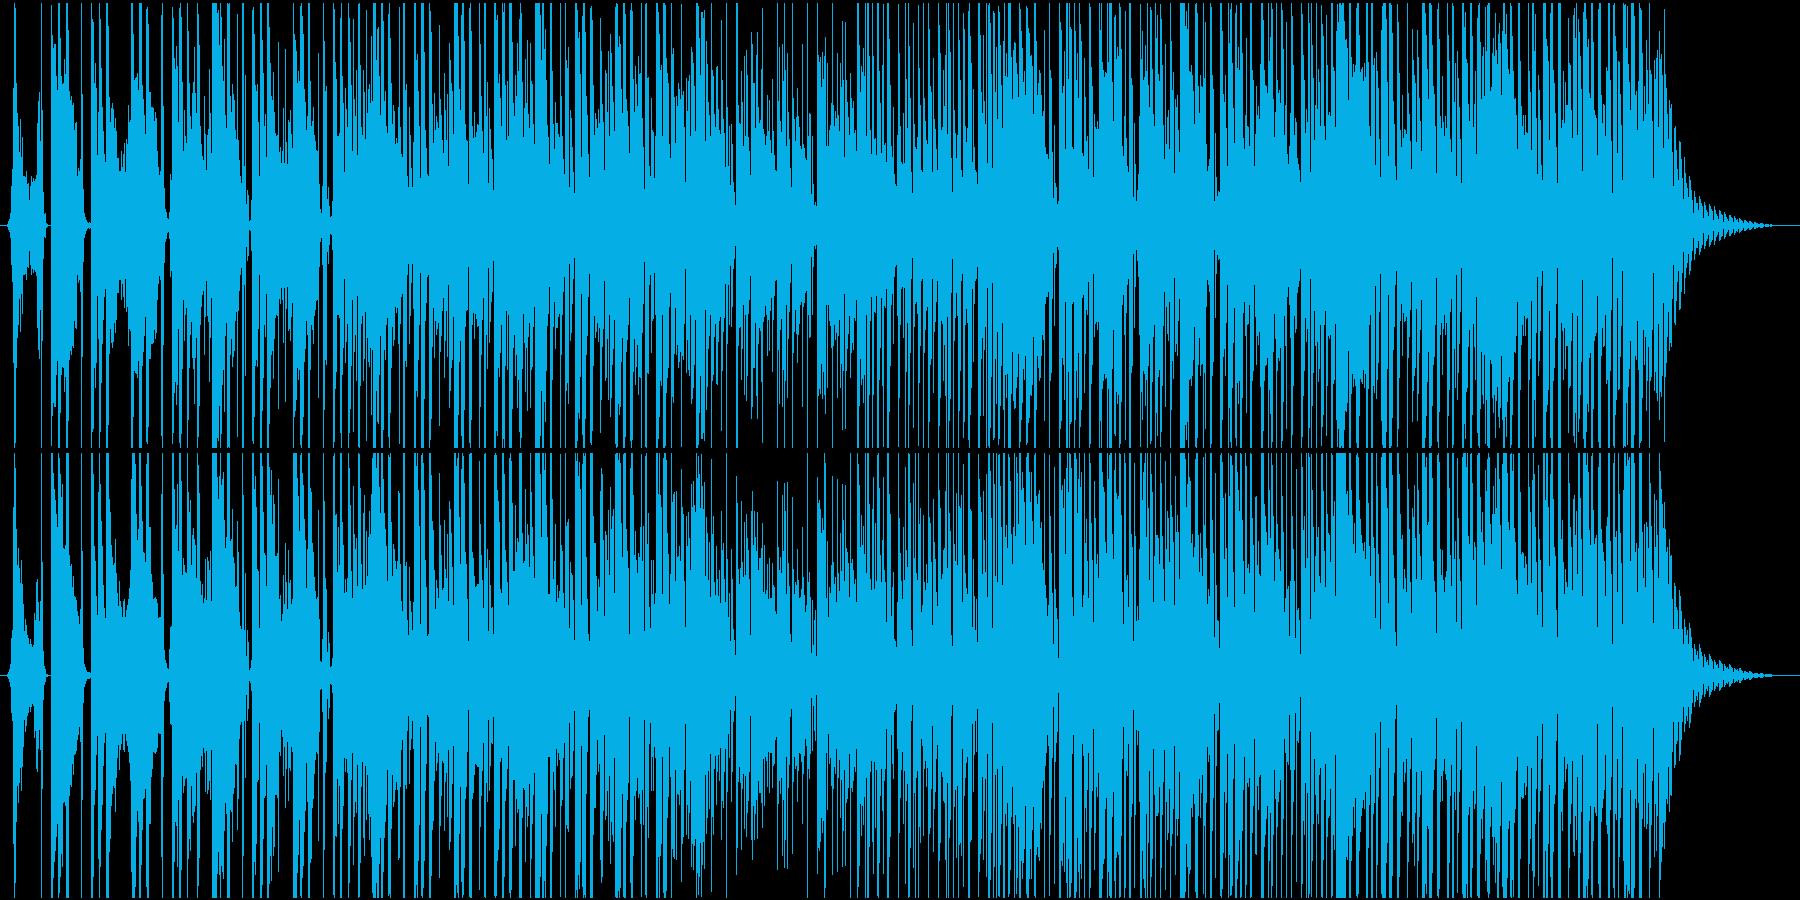 ボイスサンプルによるEDMポップの再生済みの波形